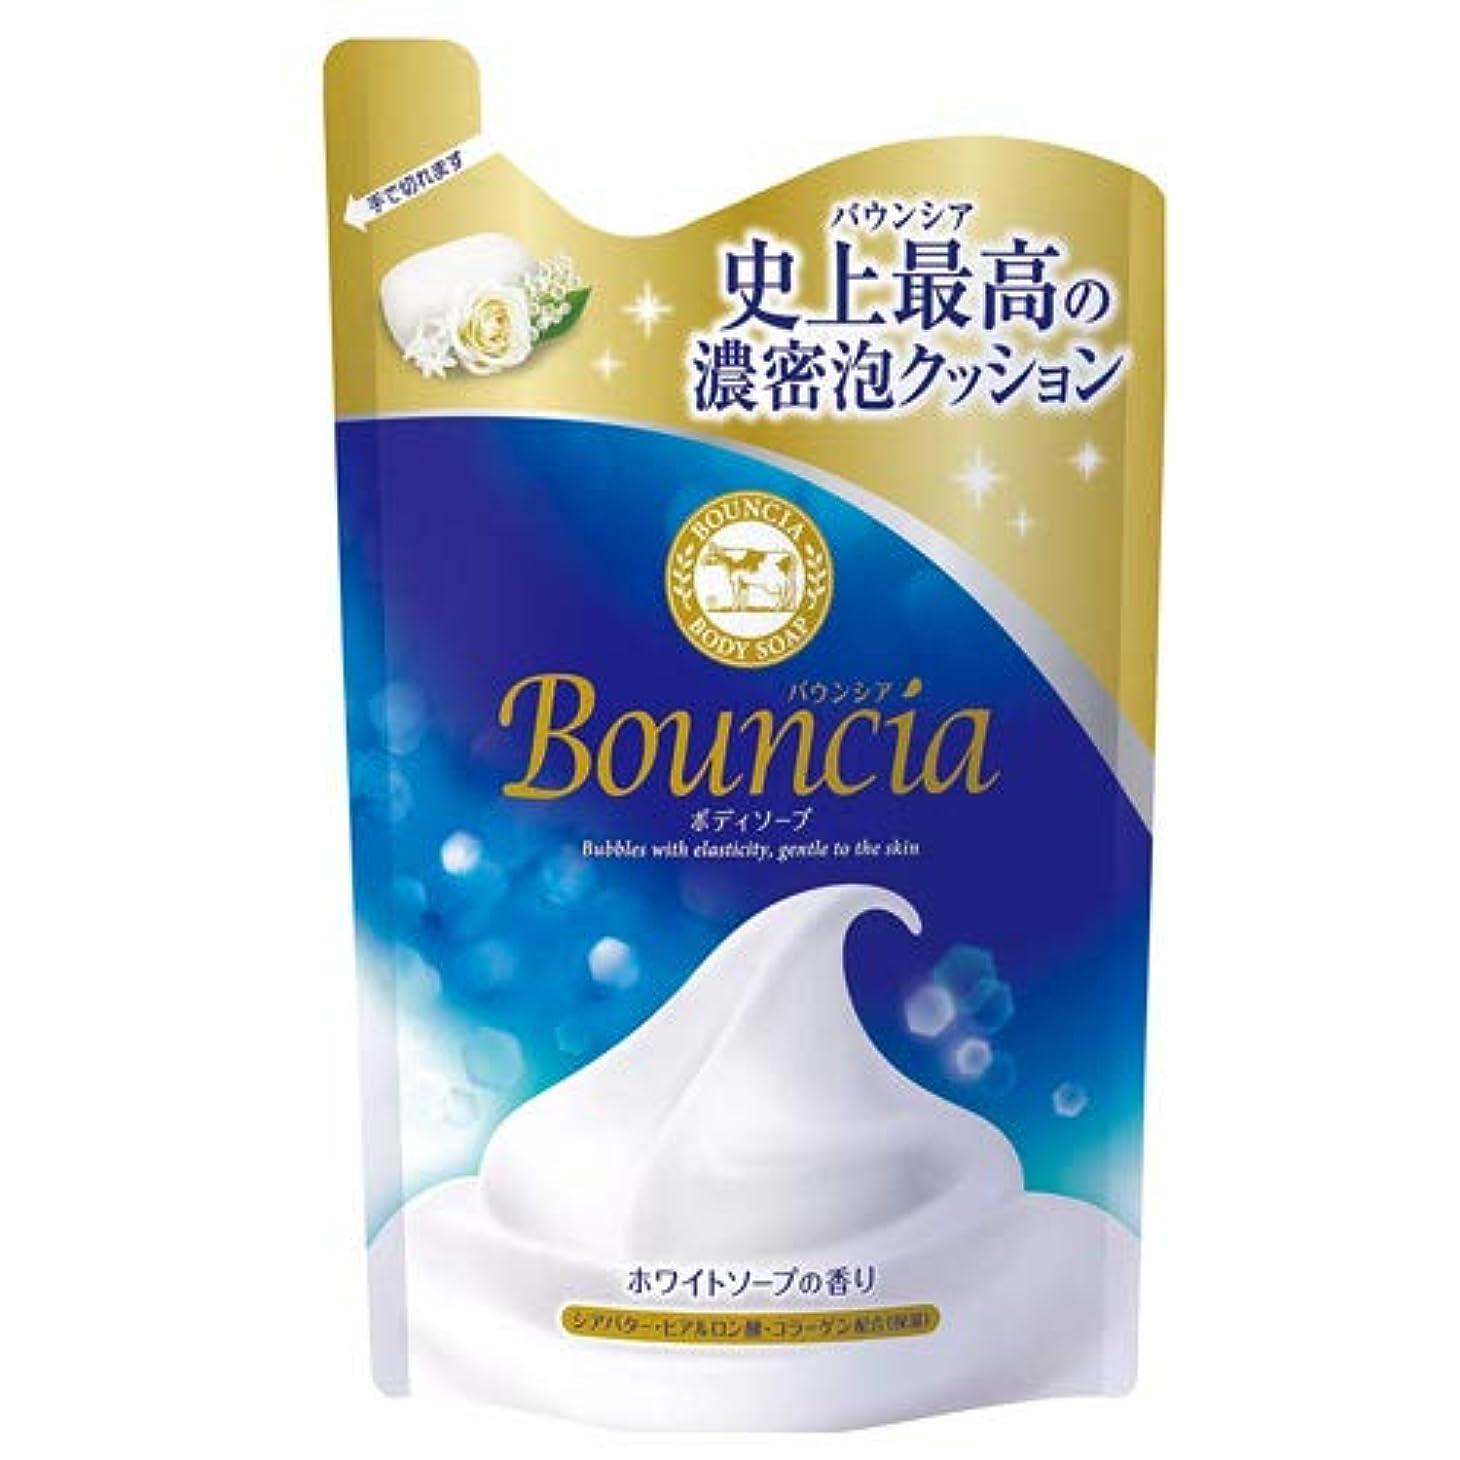 モザイクリネン絶対に牛乳石鹸 バウンシア ボディソープ 詰替用 400ml×4個